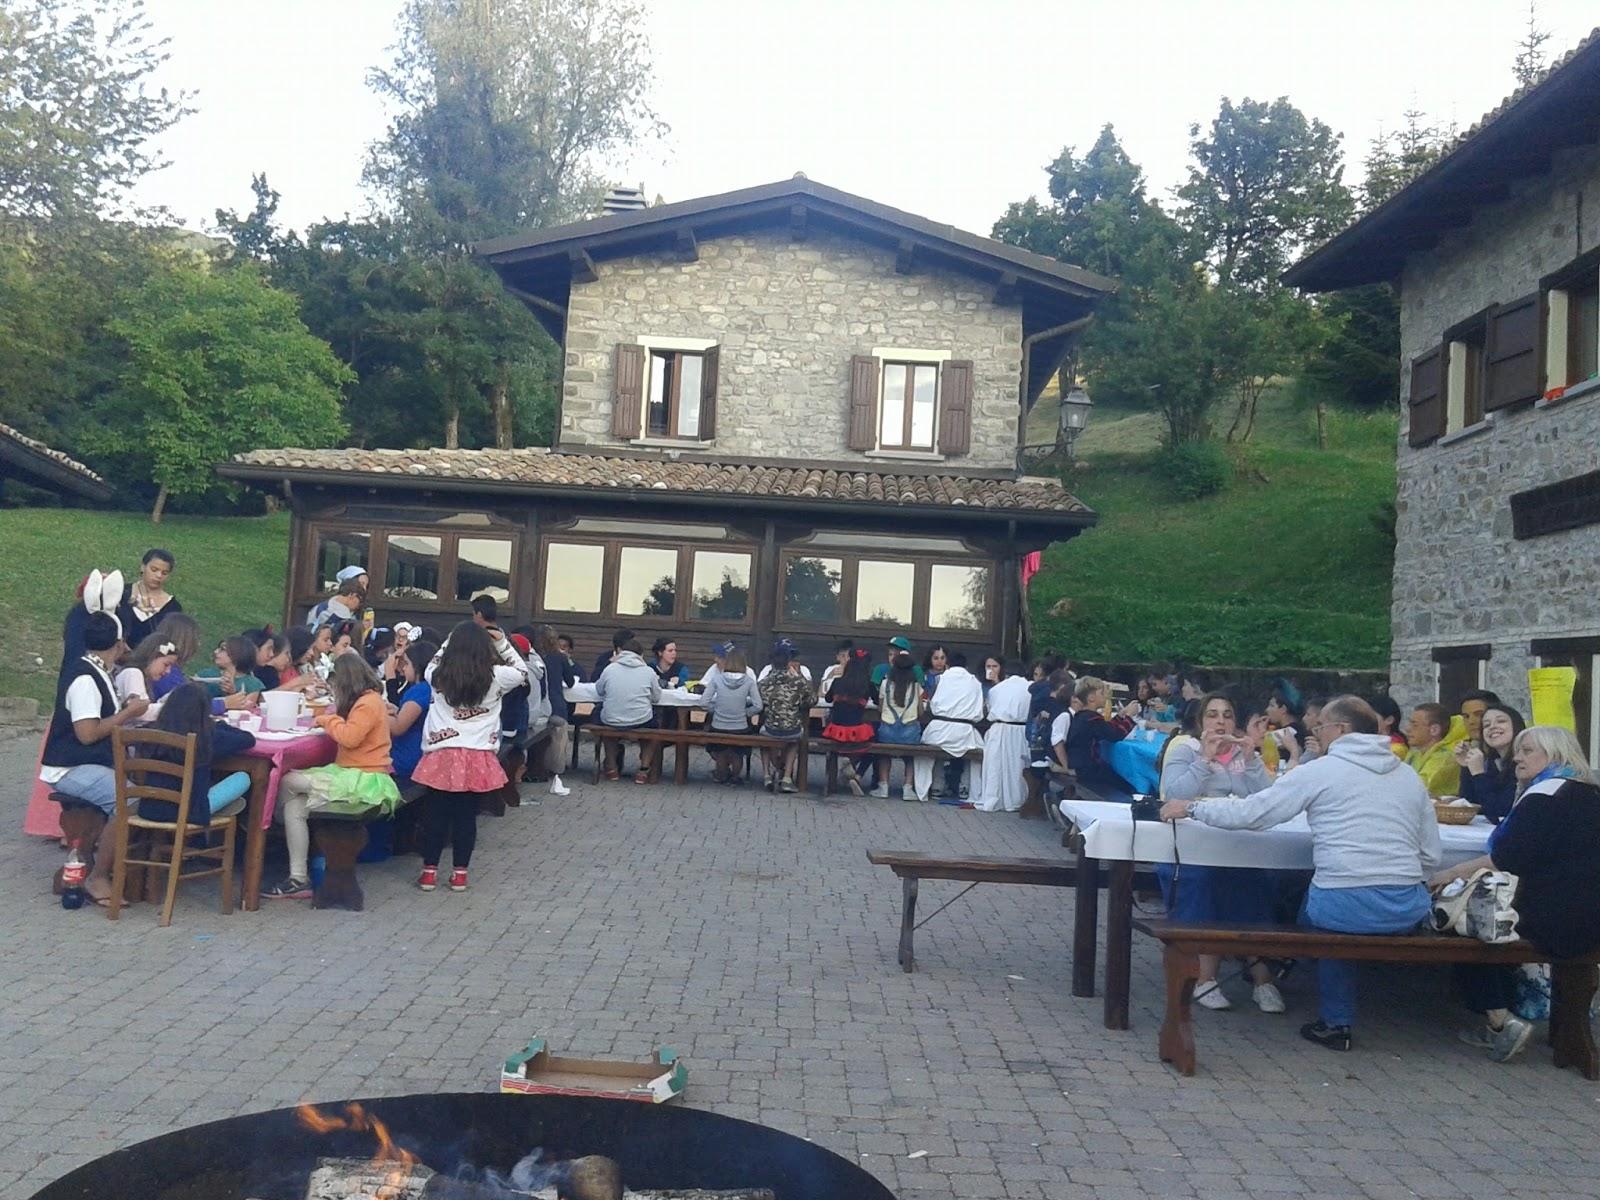 Oratori santa maria degli angeli campeggino 2015 a tavola con gli amici - La tavola rotonda santa maria degli angeli ...